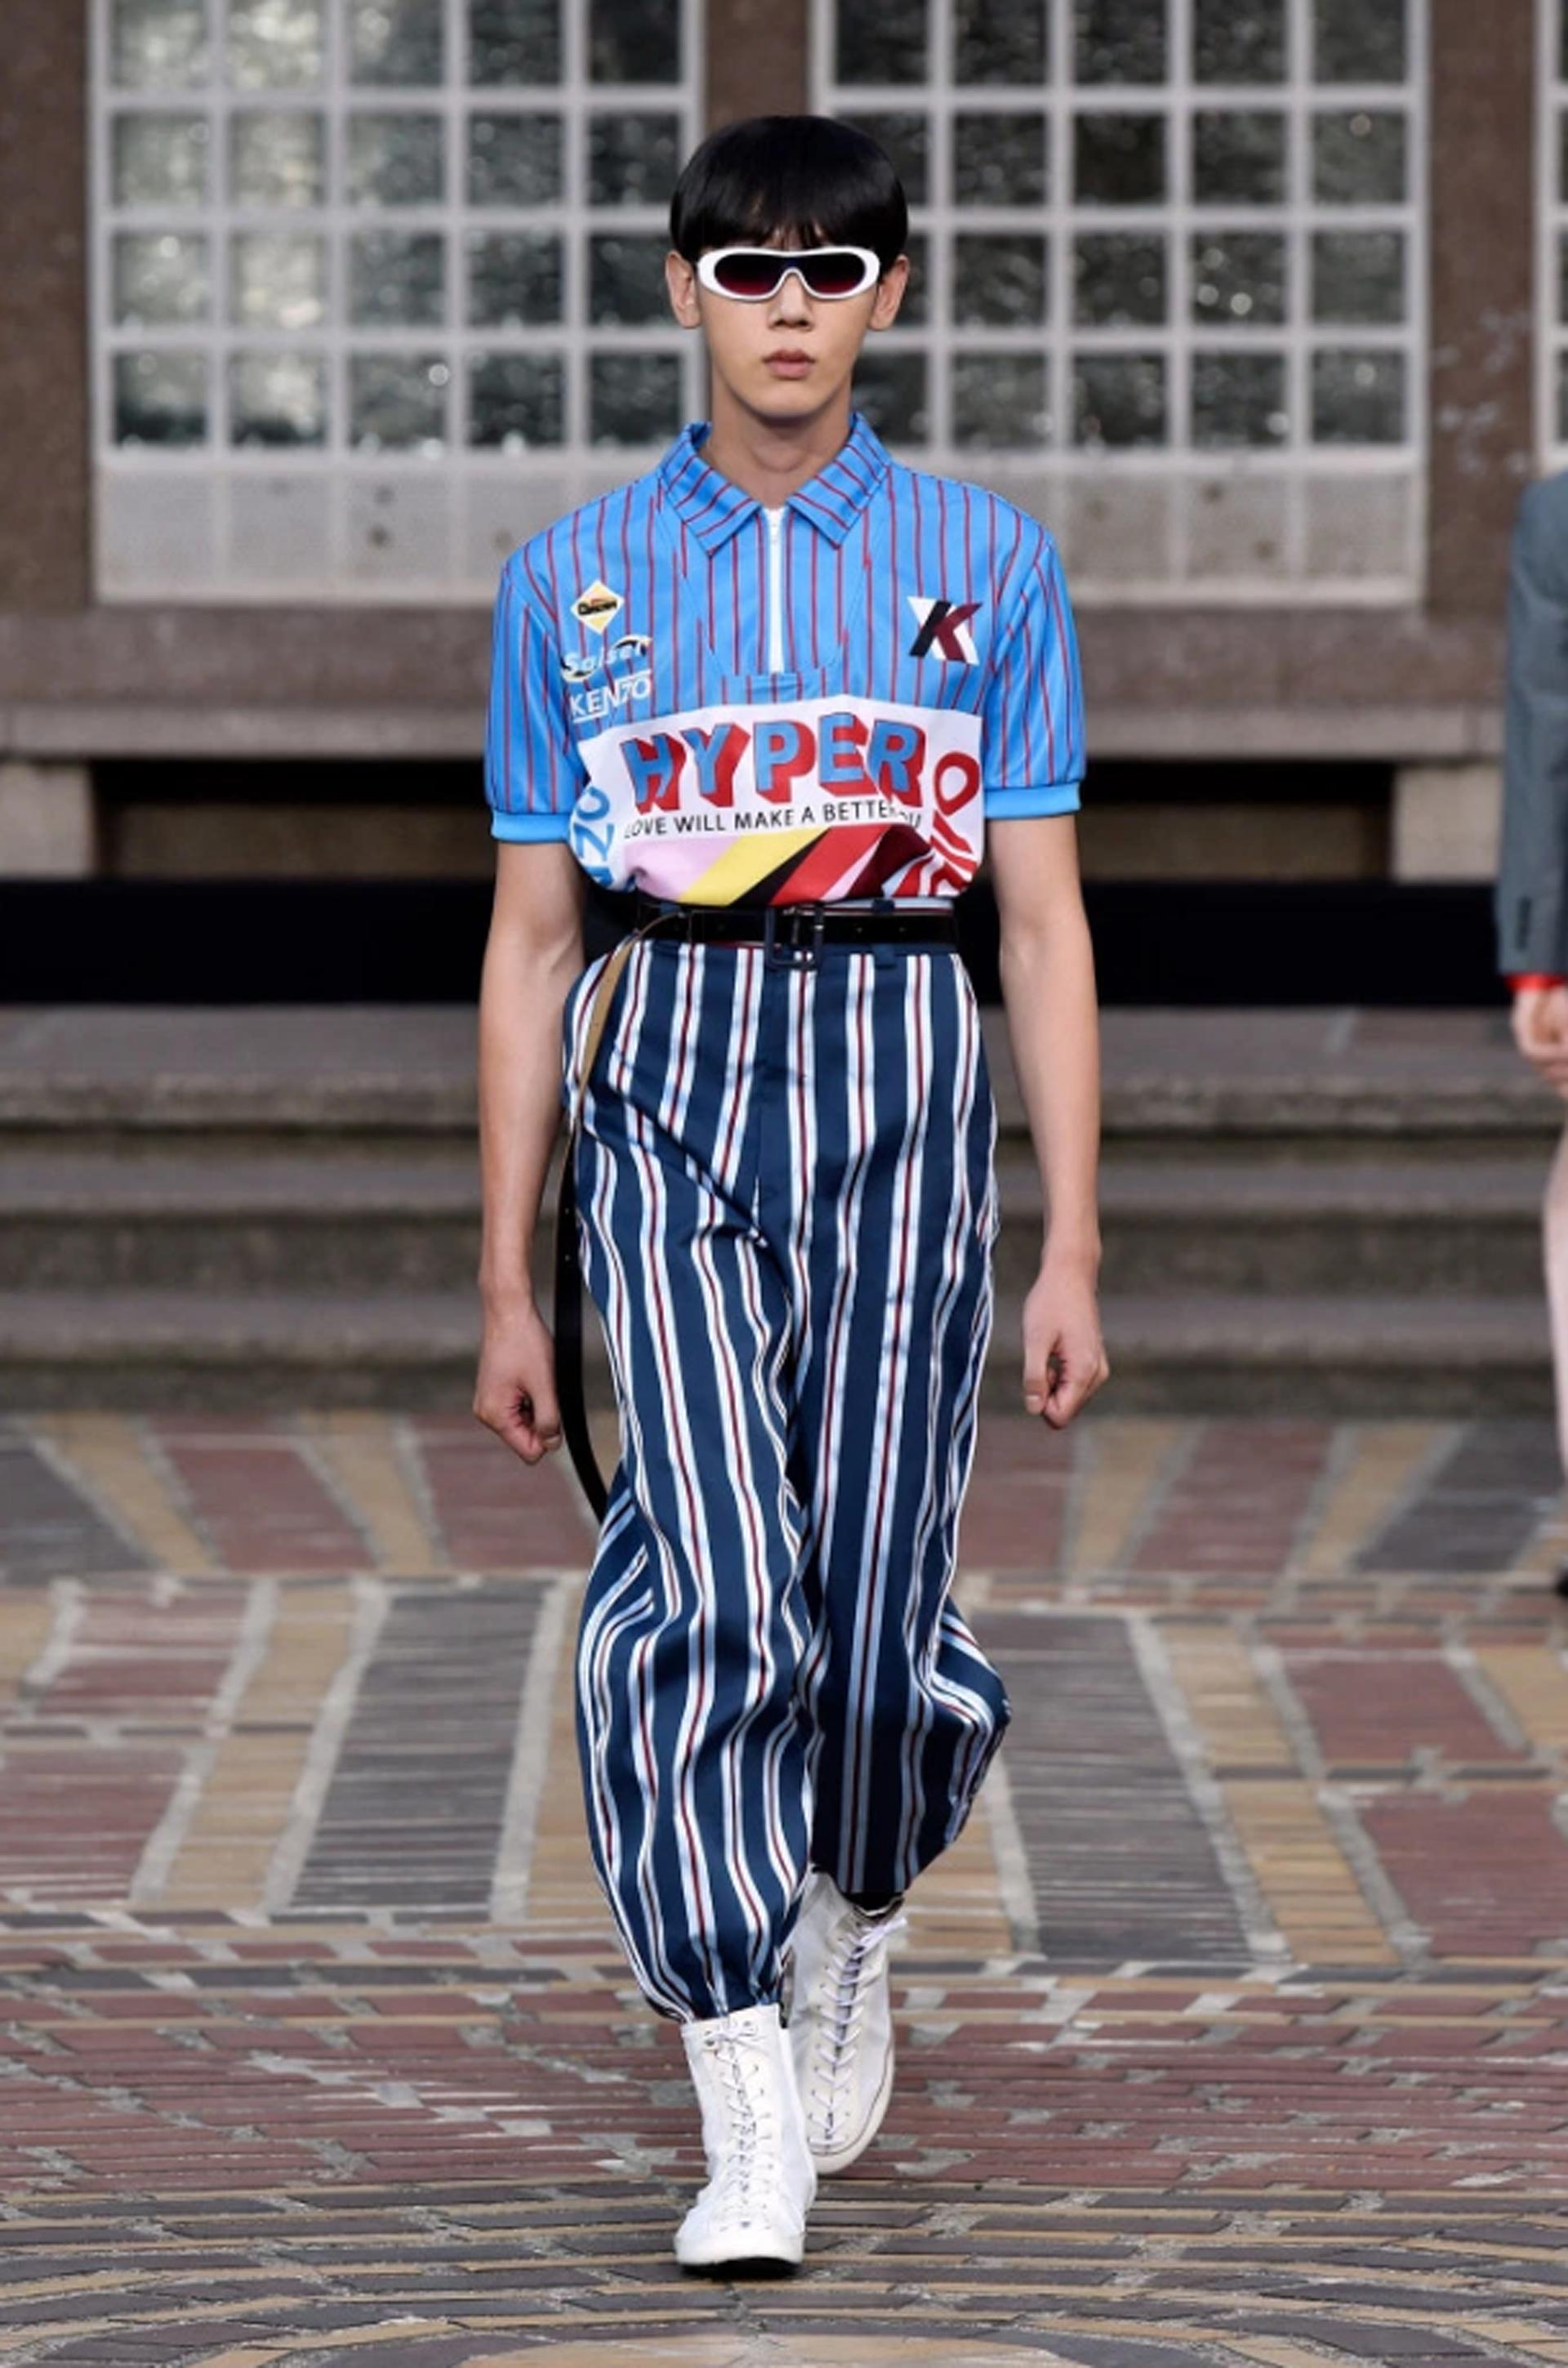 Total look rayas, pantalón en azul, blanco y rojo combinado con una chomba rayada con estampas y la inscripción 'Hyper'